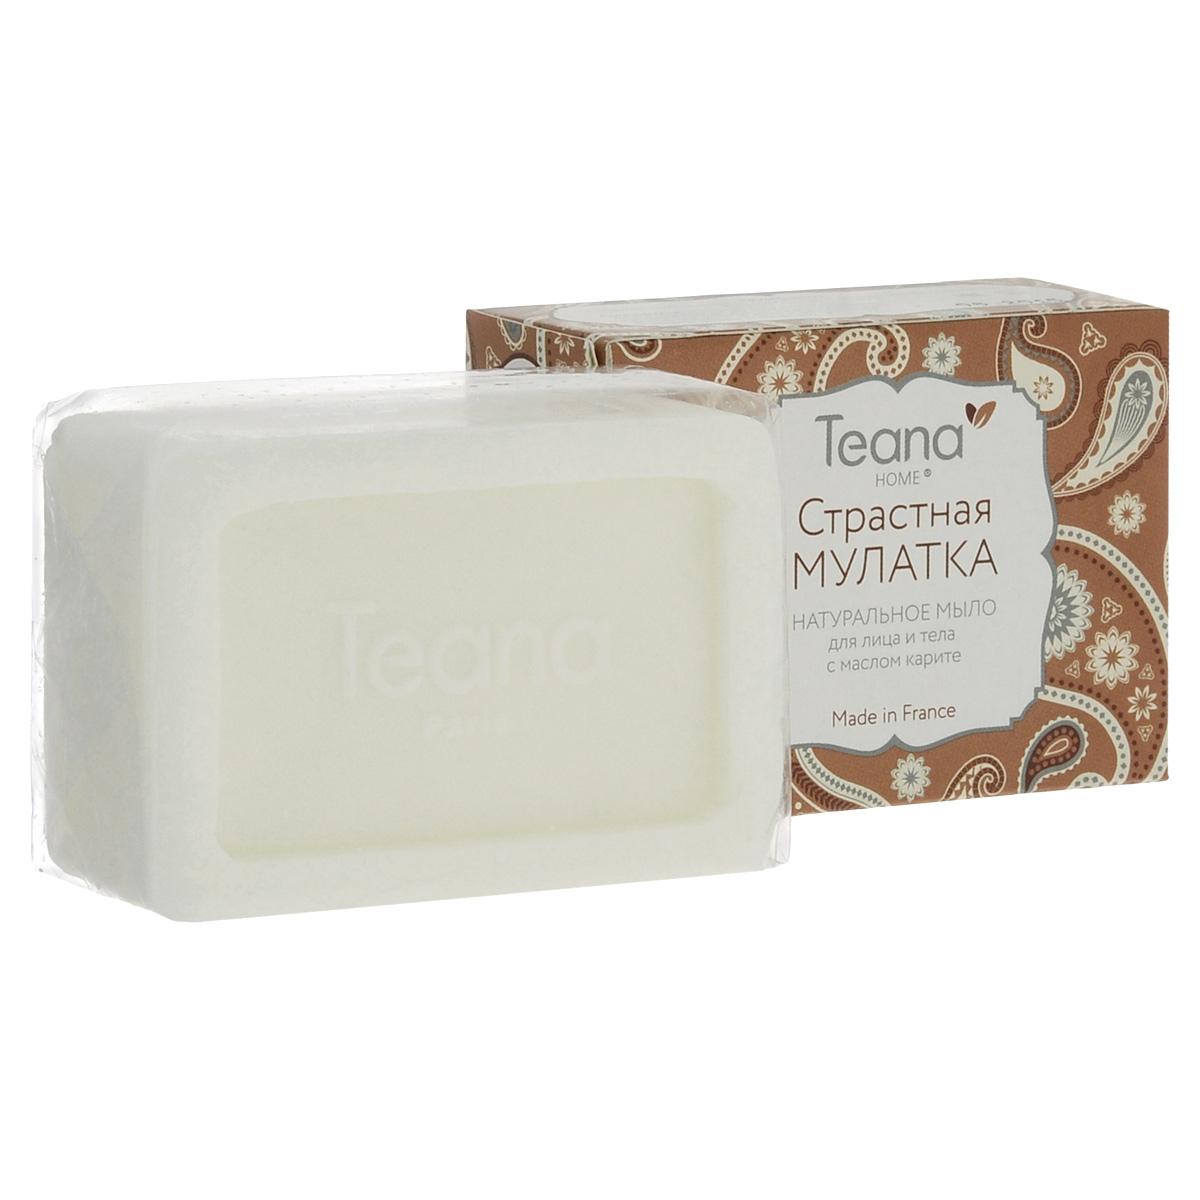 Teana Натуральное мыло для лица и тела Страстная мулатка, для сухой кожи, с маслом карите, 100 гFS-00897Натуральное мыло Teana с маслом карите необычайно нежное. Идеально для чувствительной кожи, склонной к сухости. Его природные компоненты активно смягчают, увлажняют, тонизируют, восстанавливают кожу и стимулируют выработку коллагена. Регулярное использование мыла подарит коже естественную красоту и здоровье. Уменьшается ощущение стянутости, повышается тонус и упругость кожи. Содержит олеиновую, стеариновую и пальмовые кислоты, витамины A, D, E, F. Товар сертифицирован.